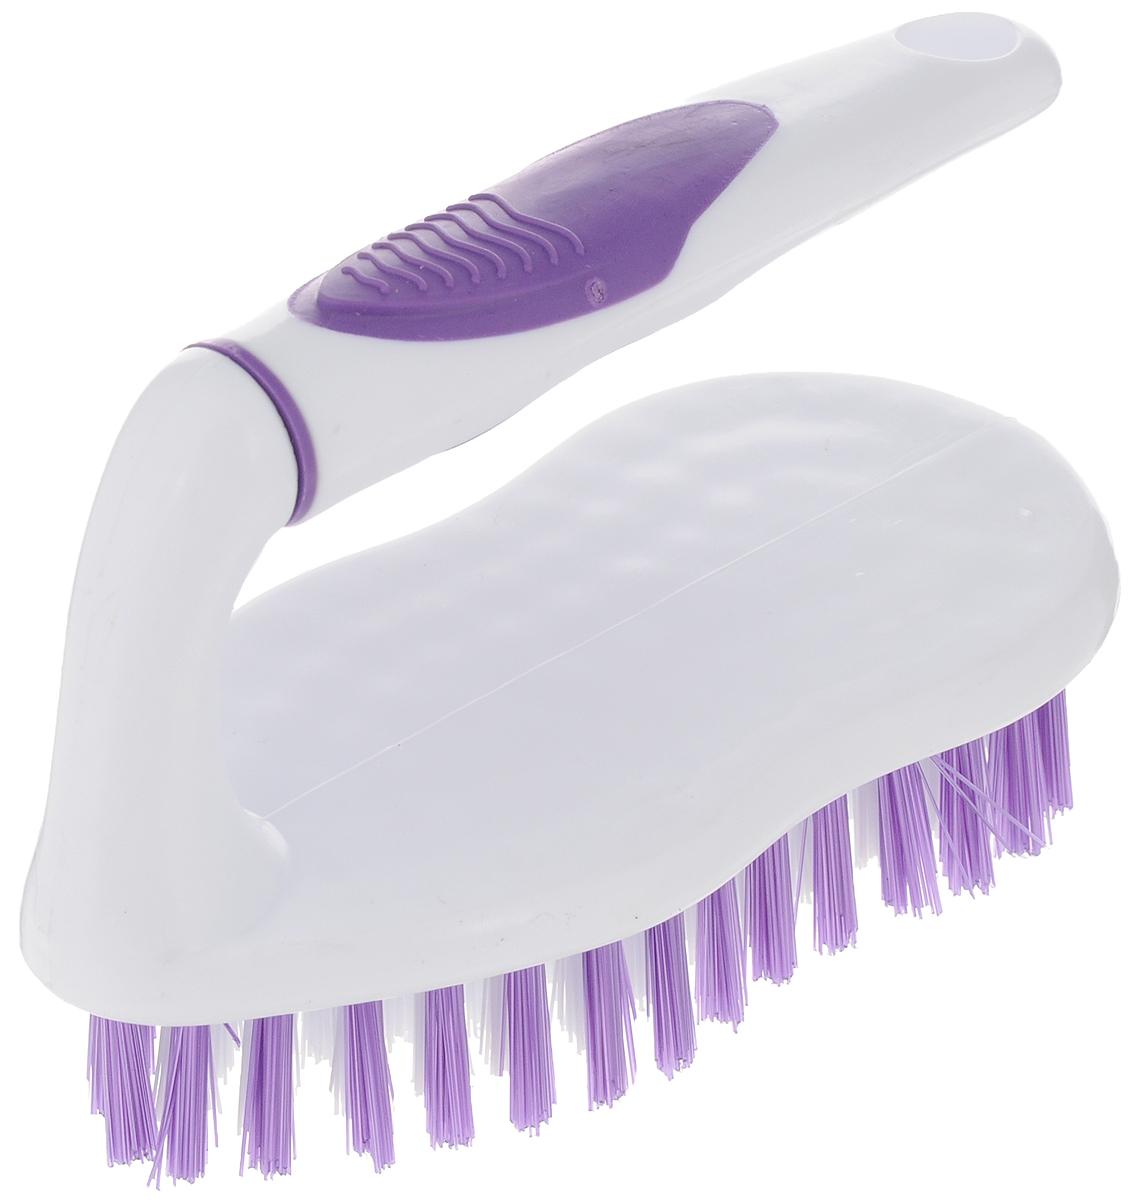 Еврощетка Home Queen Утюг, универсальная, цвет: белый, фиолетовый52076Еврощетка Home Queen Утюг, выполненная из полипропилена и нейлона, является универсальной щеткой для любых поверхностей, эффективно очищающей загрязнения. Оснащена удобной ручкой.Размер: 15 х 7 х 11,5 см.Длина ворсинок: 2,5 см.